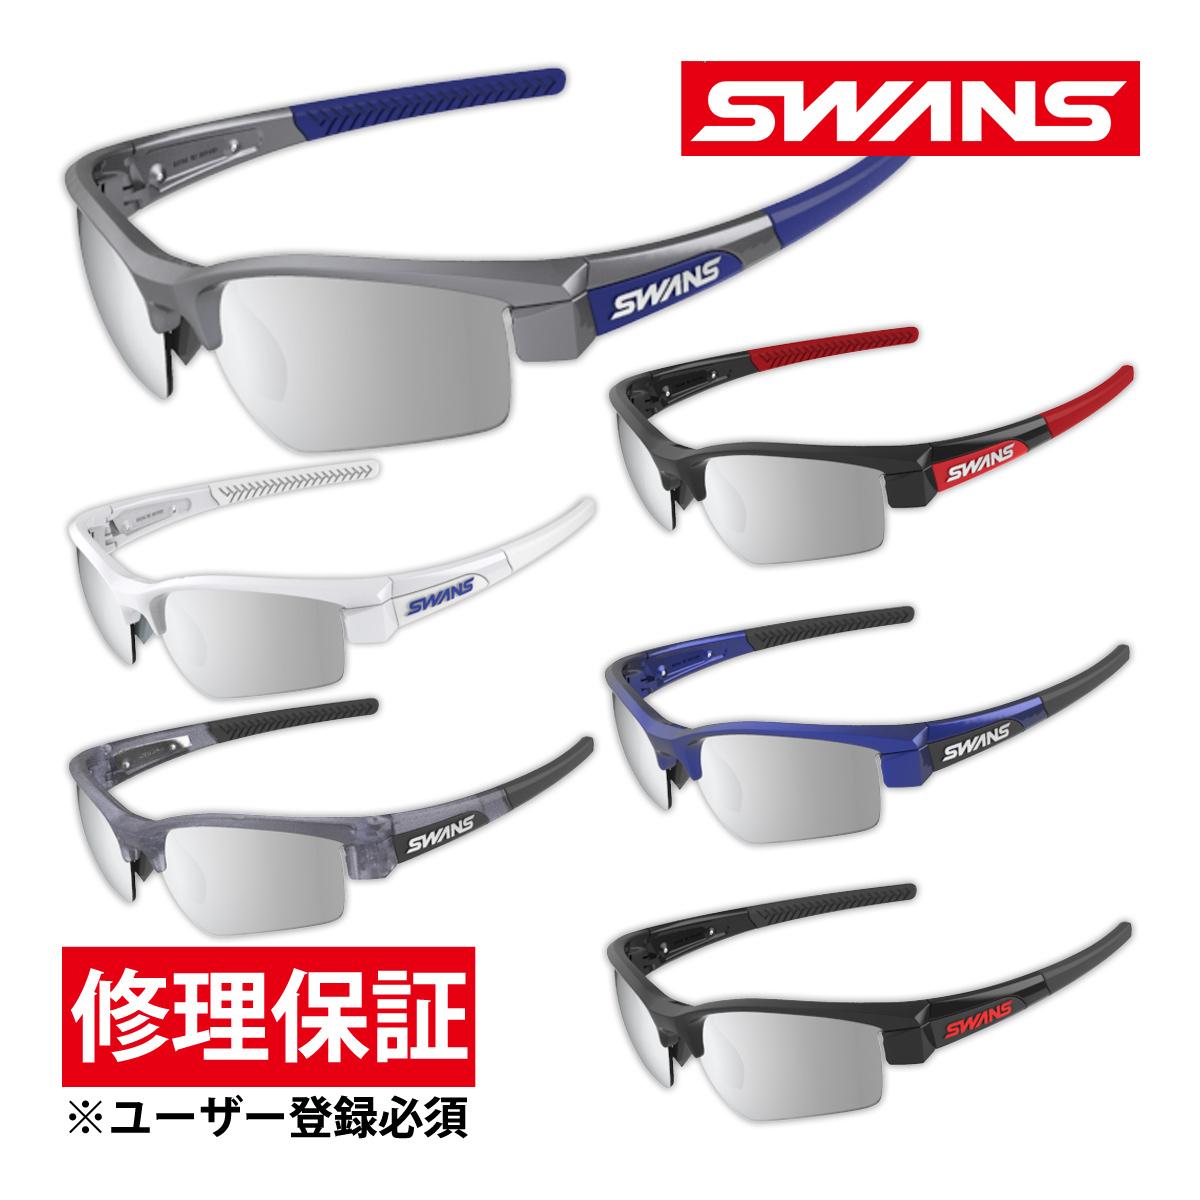 サングラス ミラーレンズ シルバーミラー×スモーク グレー系 スポーツ メンズ レディース ドライブ 釣り ゴルフ LION SIN フレーム+L-LI SIN-0701 SMSI おすすめ 人気 SWANS スワンズ